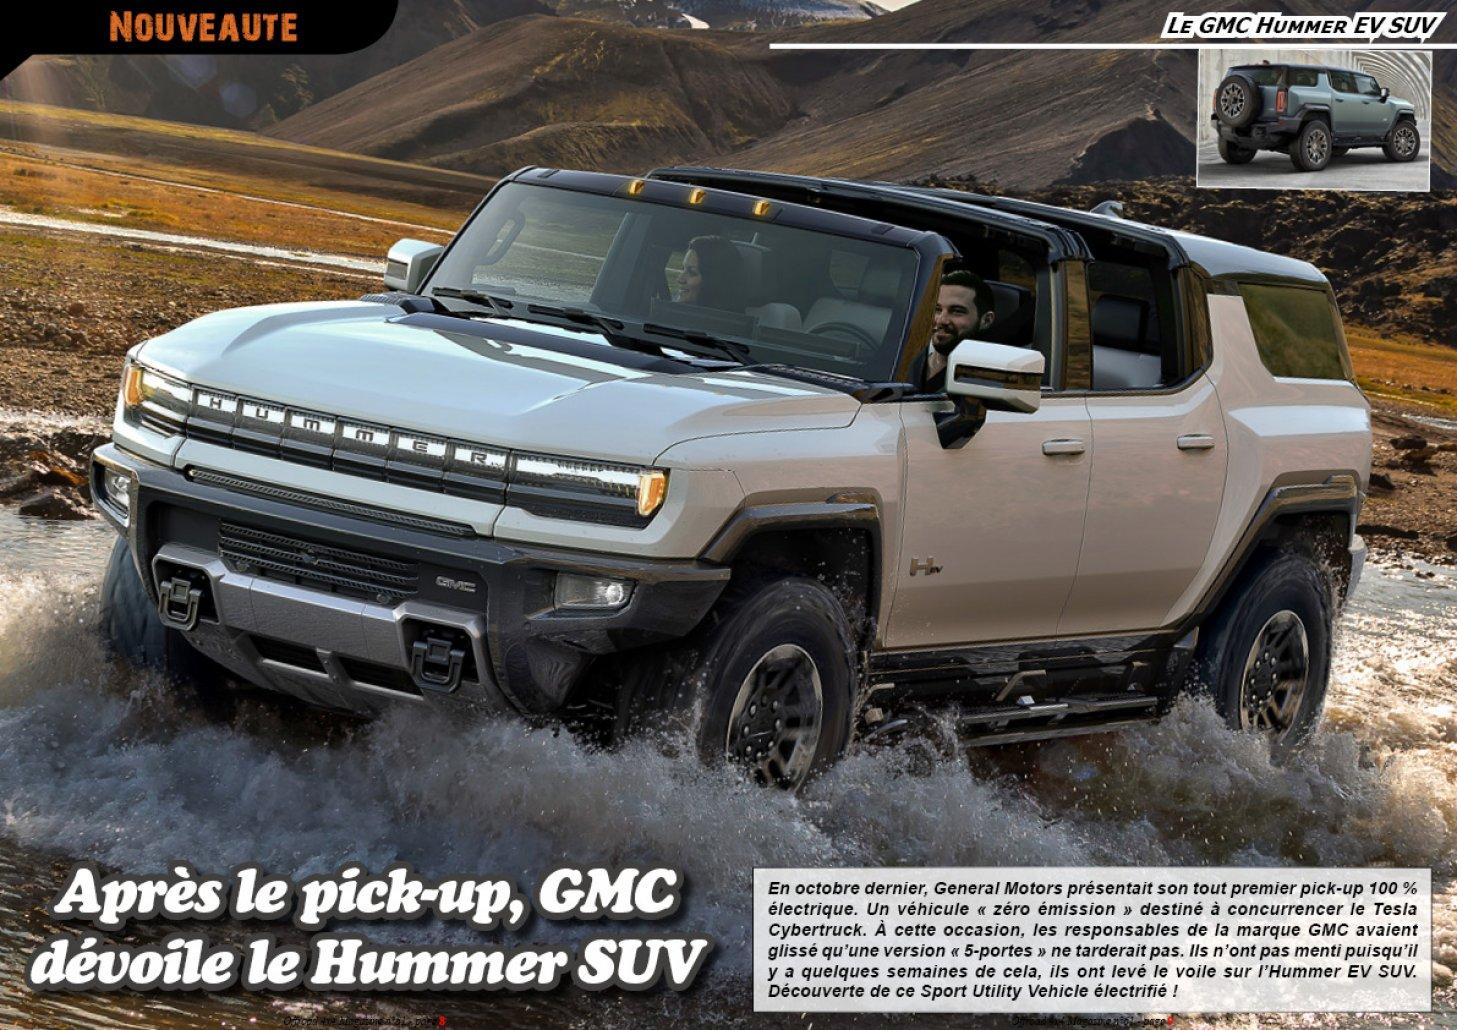 Le GMC Hummer EV SUV